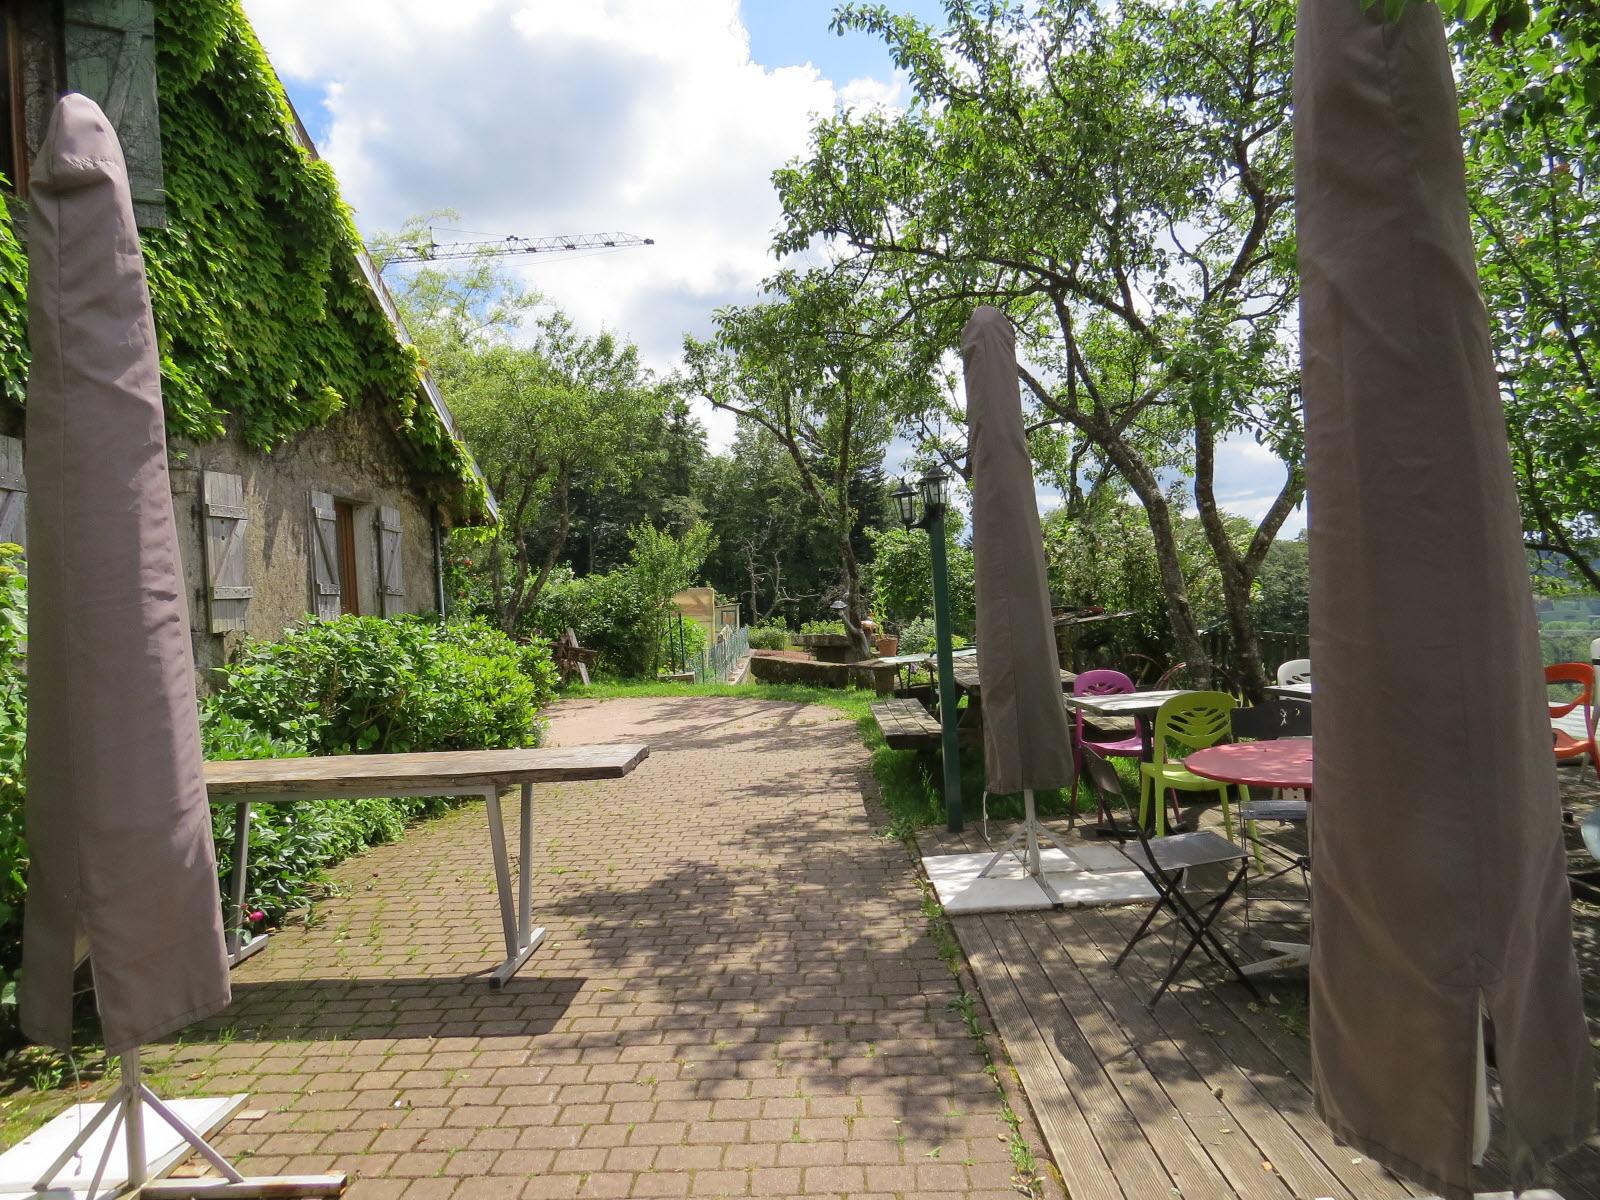 la-ferme-saint-vallier-du-girmont-val-d-ajol-en-images-1470862123_8